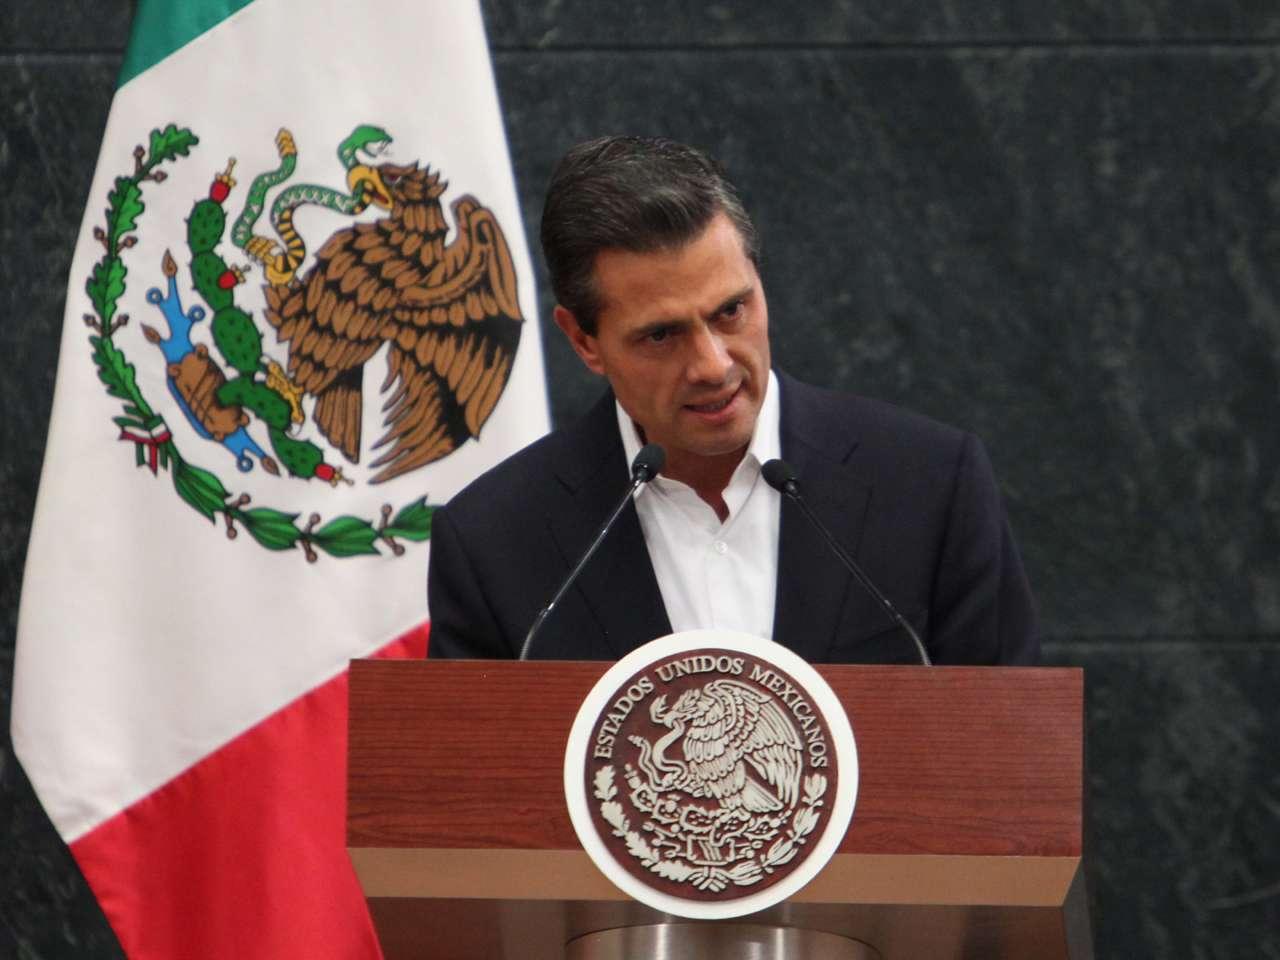 El presidente Enrique Peña Nieto informó que tras una reunión con los familiares de los 43 normalistas desaparecidos de Ayotzinapa, firmaron un documento de 10 puntos entre los que destaca la renovación del plan de búsqueda de los estudiantes y el apoyo a las normales rurales del país. Foto: Terra